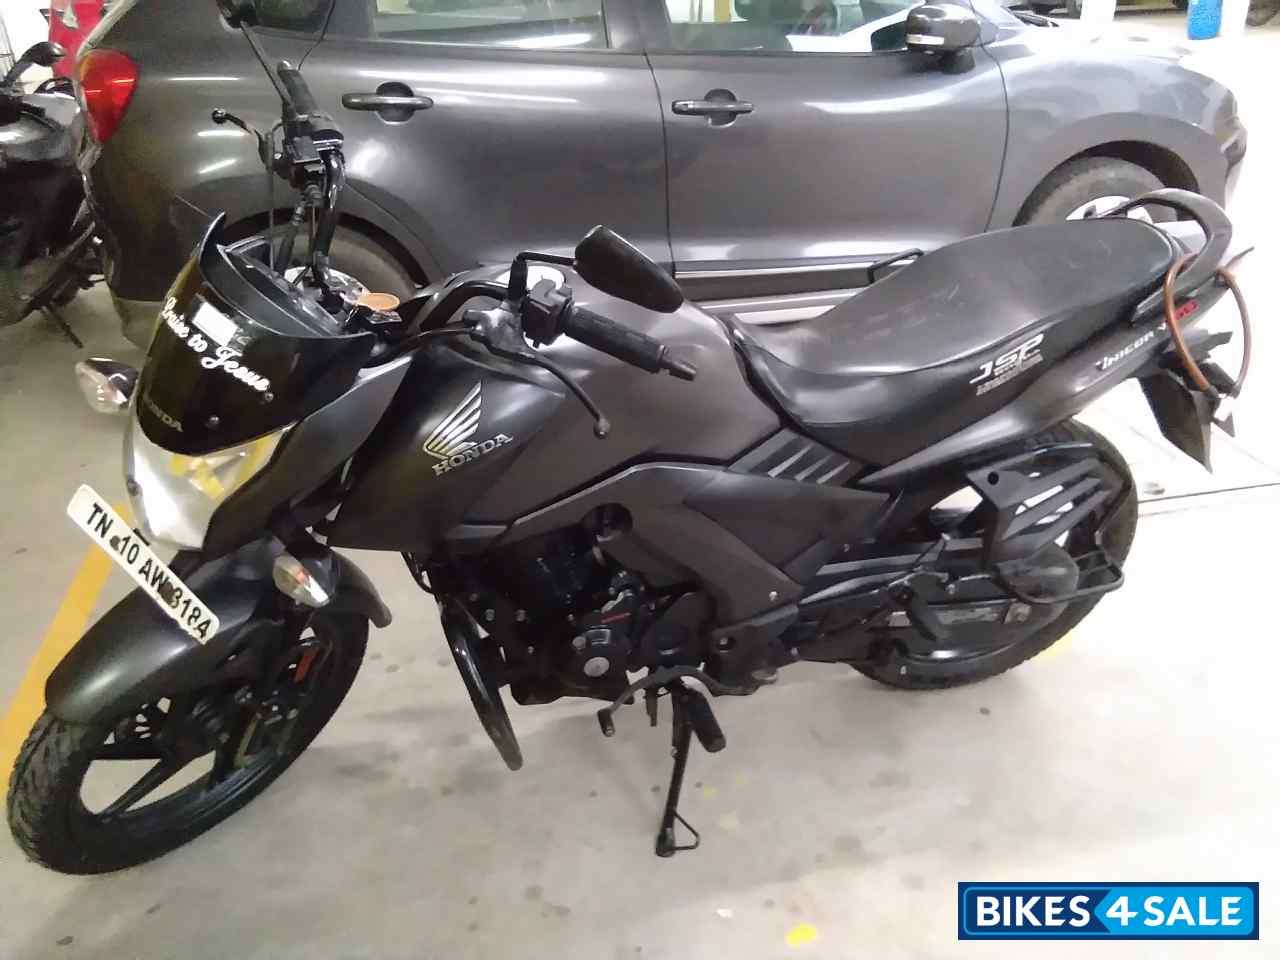 Honda Cb Unicorn 160 Picture 1 Bike Id 217091 Bike Located In